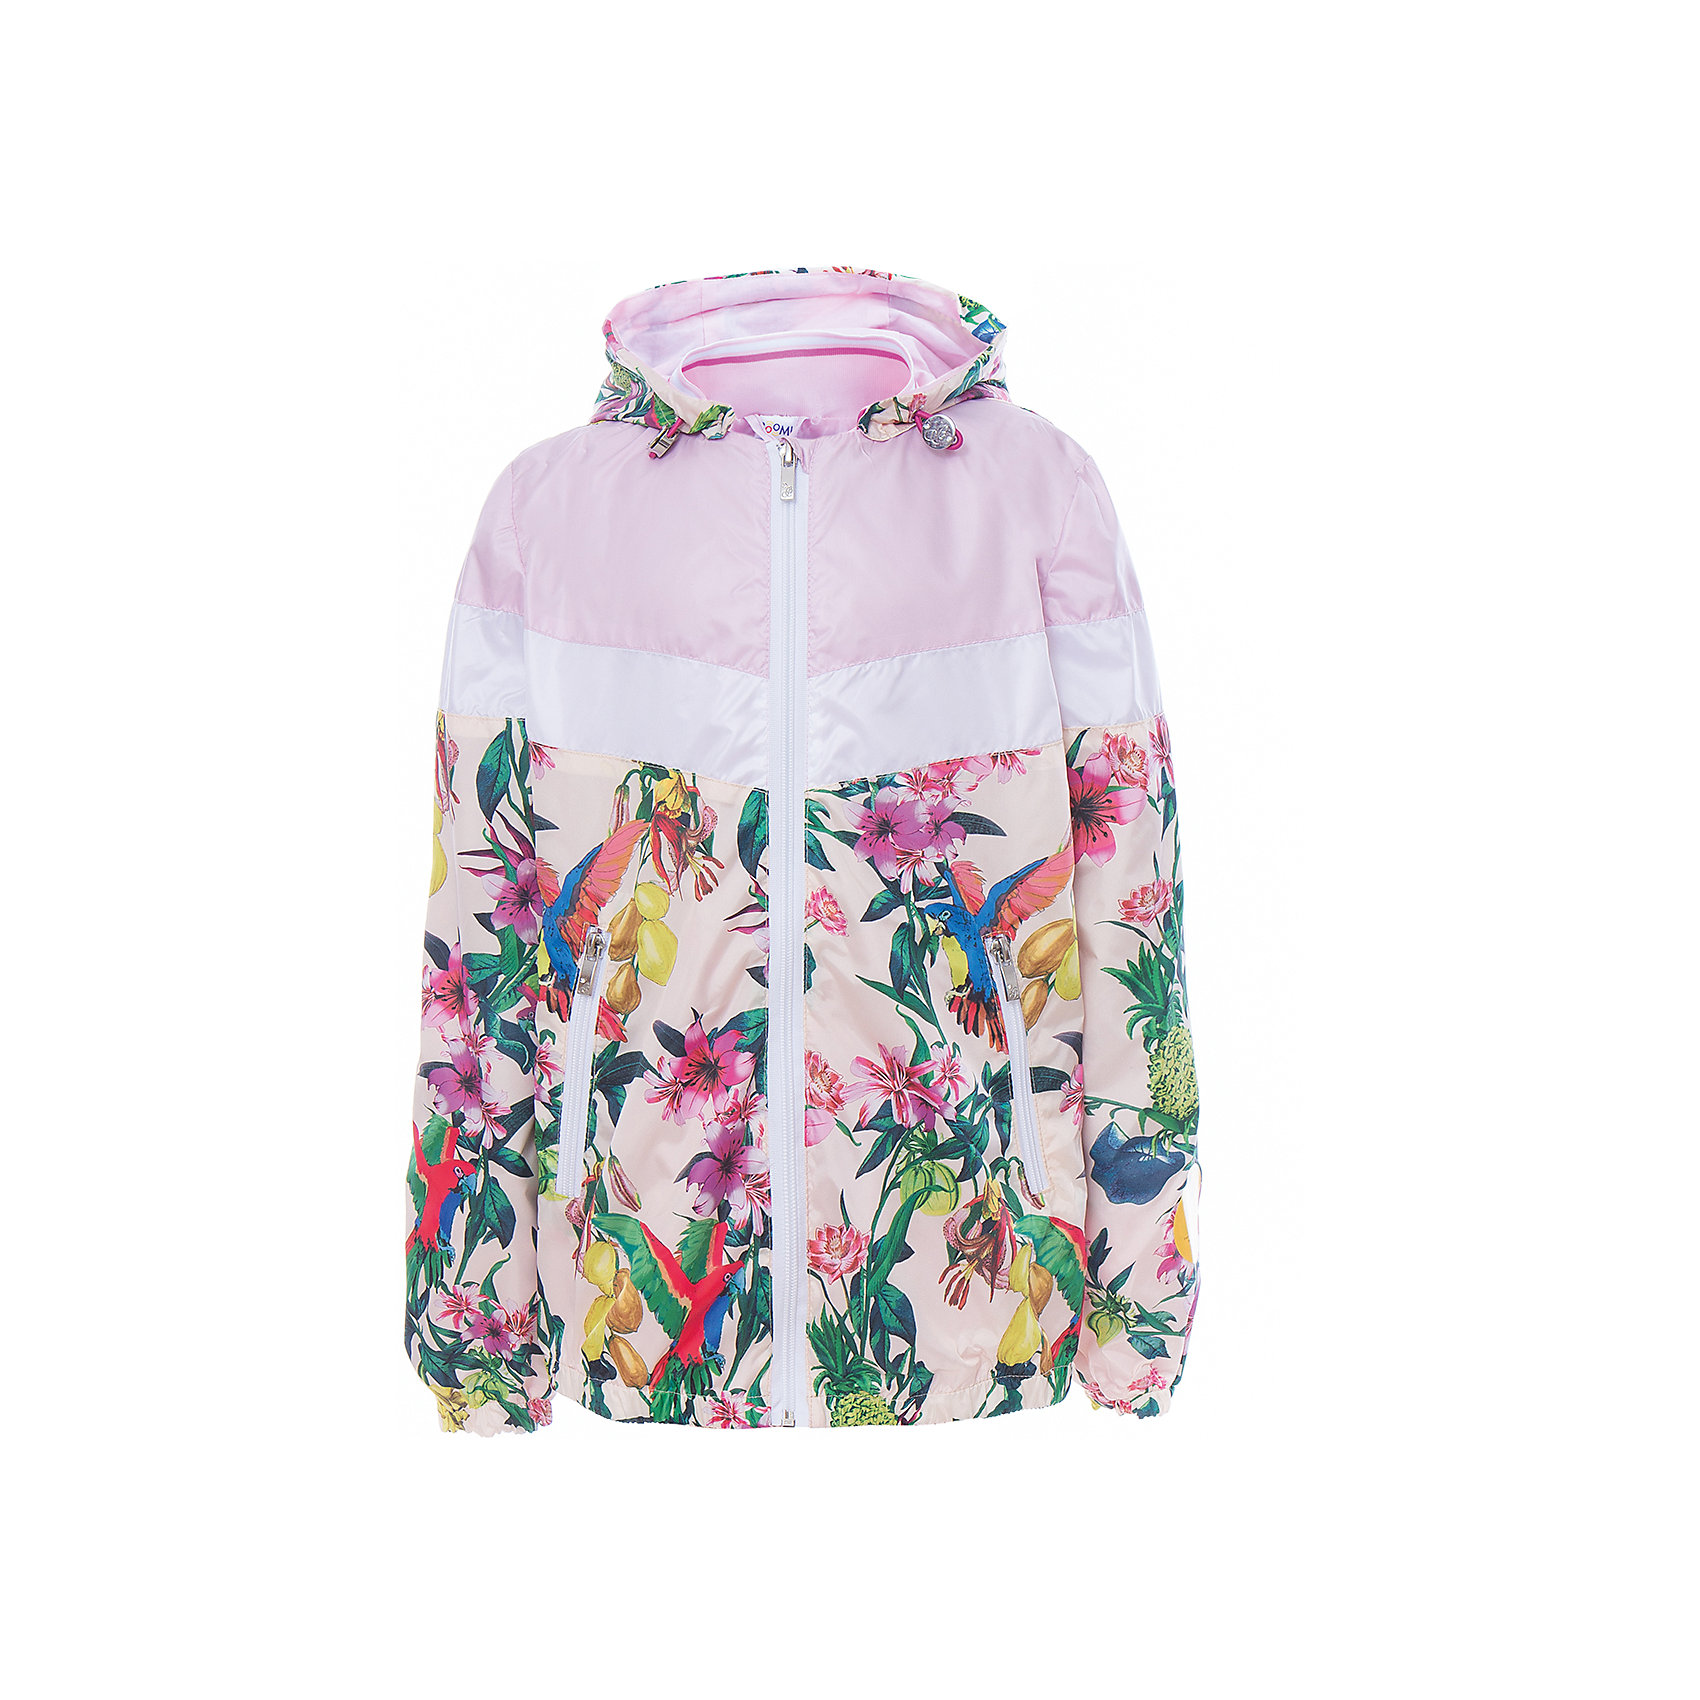 Куртка для девочки BOOM by OrbyВесенняя капель<br>Характеристики товара:<br><br>• цвет: розовый принт<br>• состав: верх - таффета, подкладка - поликоттон, полиэстер, без утеплителя<br>• температурный режим: от 0 до +15°С<br>• карманы<br>• застежка - молния<br>• капюшон с утяжкой<br>• украшена принтом<br>• эластичные манжеты<br>• комфортная посадка<br>• страна производства: Российская Федерация<br>• страна бренда: Российская Федерация<br>• коллекция: весна-лето 2017<br><br>Легкая куртка - универсальный вариант и для прохладного летнего вечера, и для теплого межсезонья. Эта модель - модная и удобная одновременно! Изделие отличается стильным ярким дизайном. Куртка хорошо сидит по фигуре, отлично сочетается с различным низом. Вещь была разработана специально для детей.<br><br>Куртку для девочки от бренда BOOM by Orby можно купить в нашем интернет-магазине.<br><br>Ширина мм: 356<br>Глубина мм: 10<br>Высота мм: 245<br>Вес г: 519<br>Цвет: белый<br>Возраст от месяцев: 144<br>Возраст до месяцев: 156<br>Пол: Женский<br>Возраст: Детский<br>Размер: 158,104,86,92,98,110,116,122,128,134,140,146,152<br>SKU: 5343087